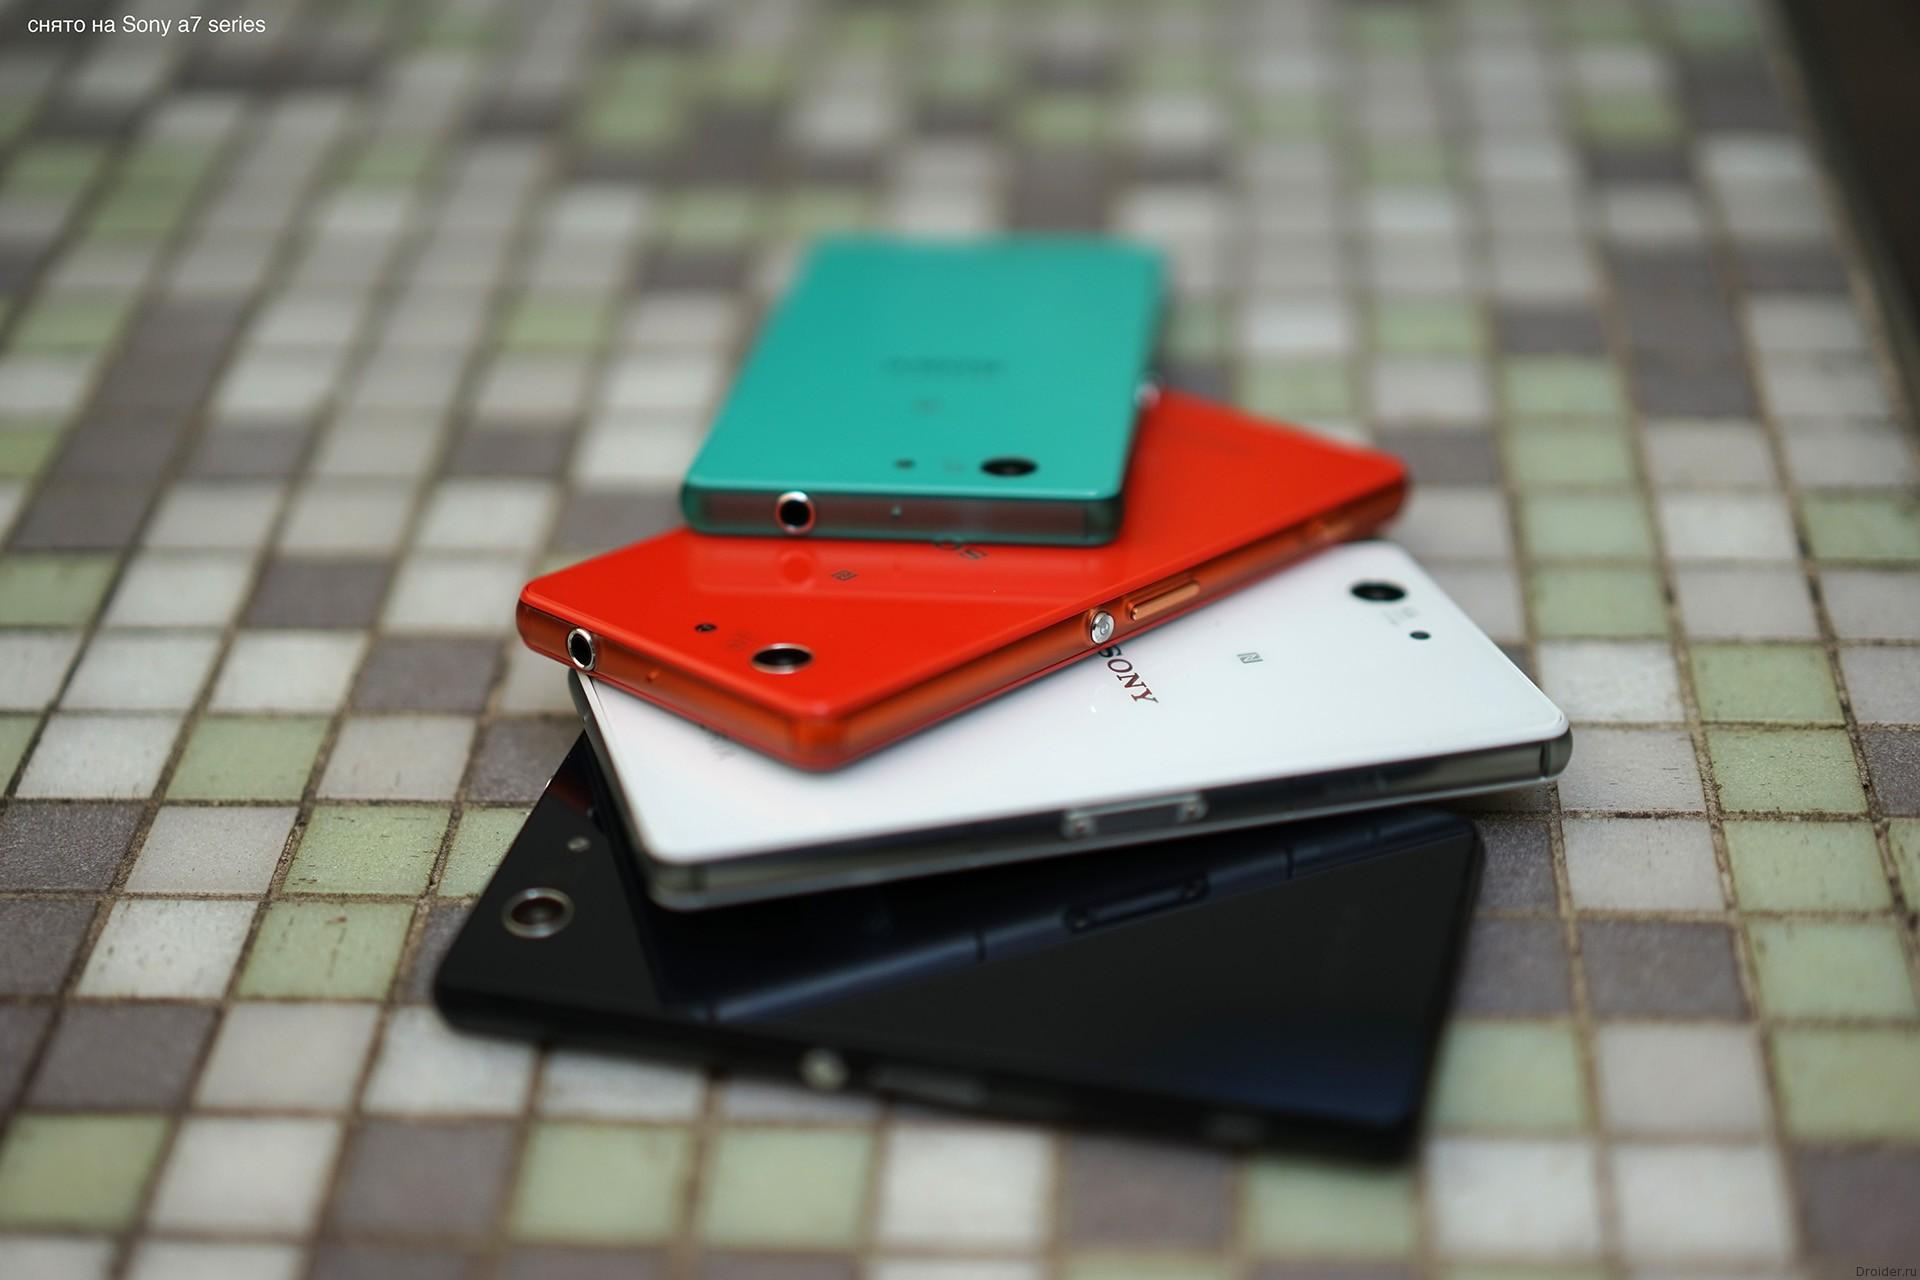 Смартфон Xperia Z3 Compact от Sony